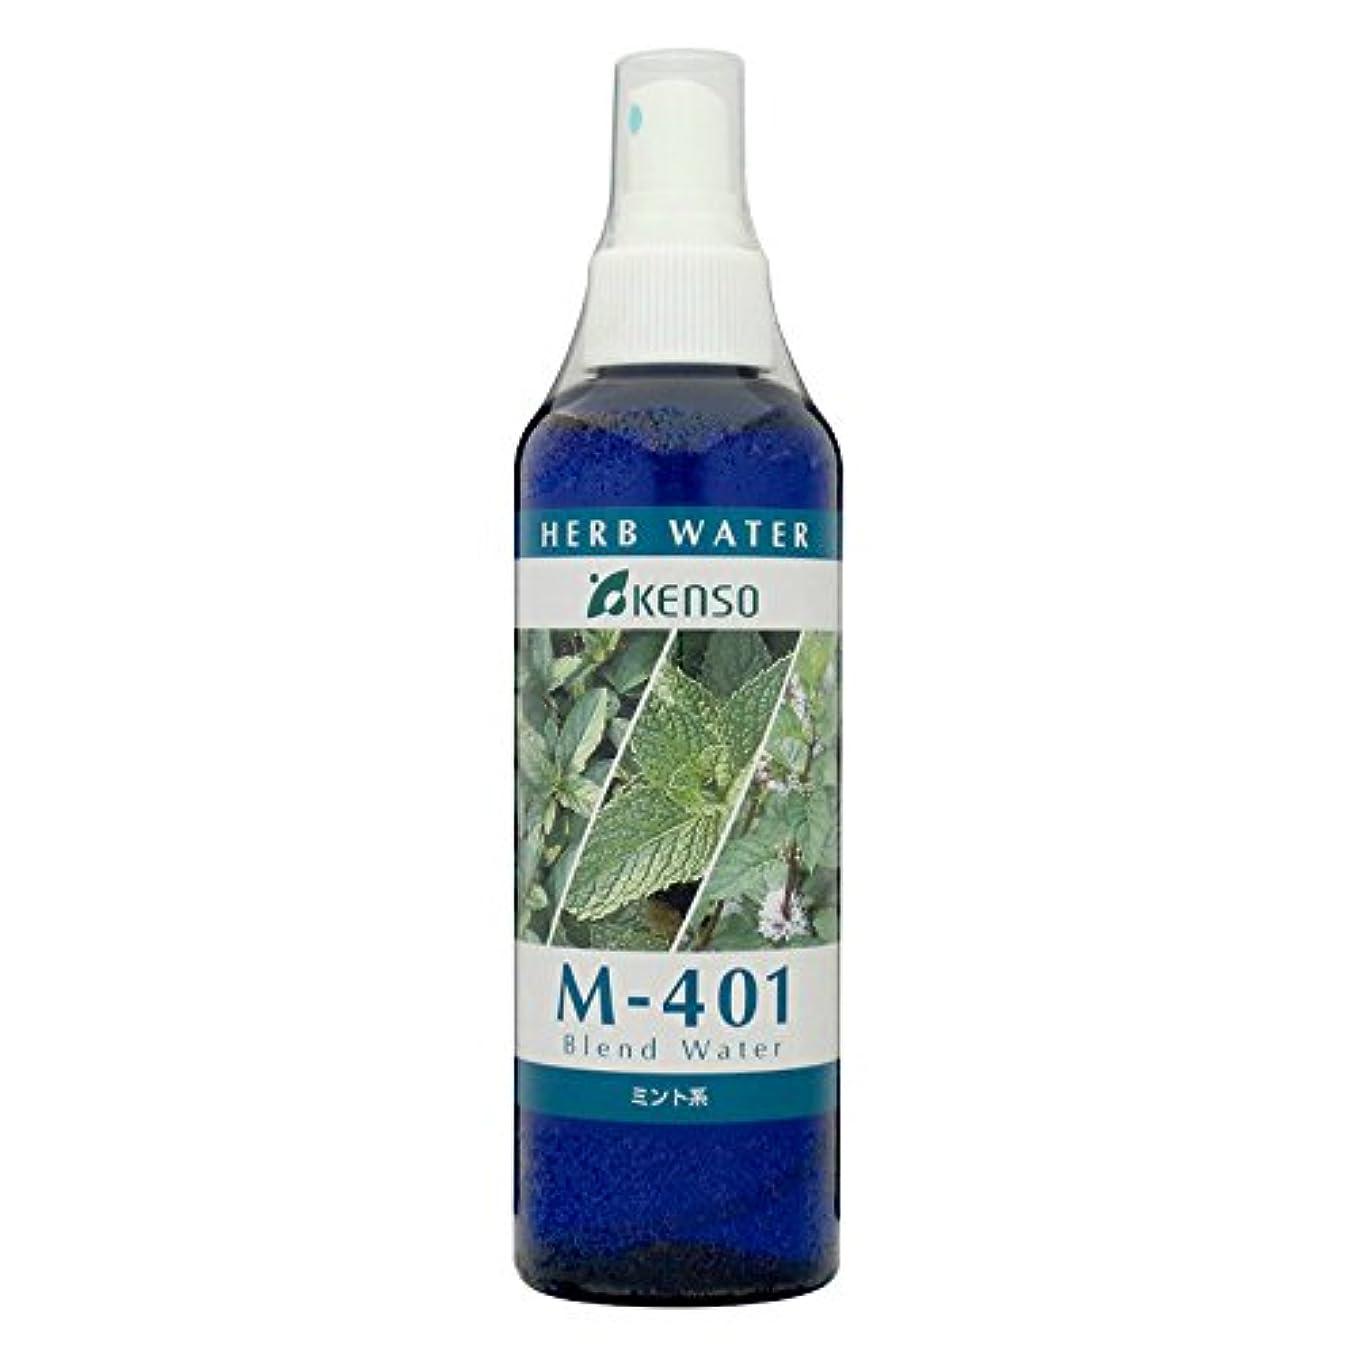 病ポーチドレスケンソー M401ミント系ブレンドウォーター 200ml (KENSO 国産ハーブウォーター)